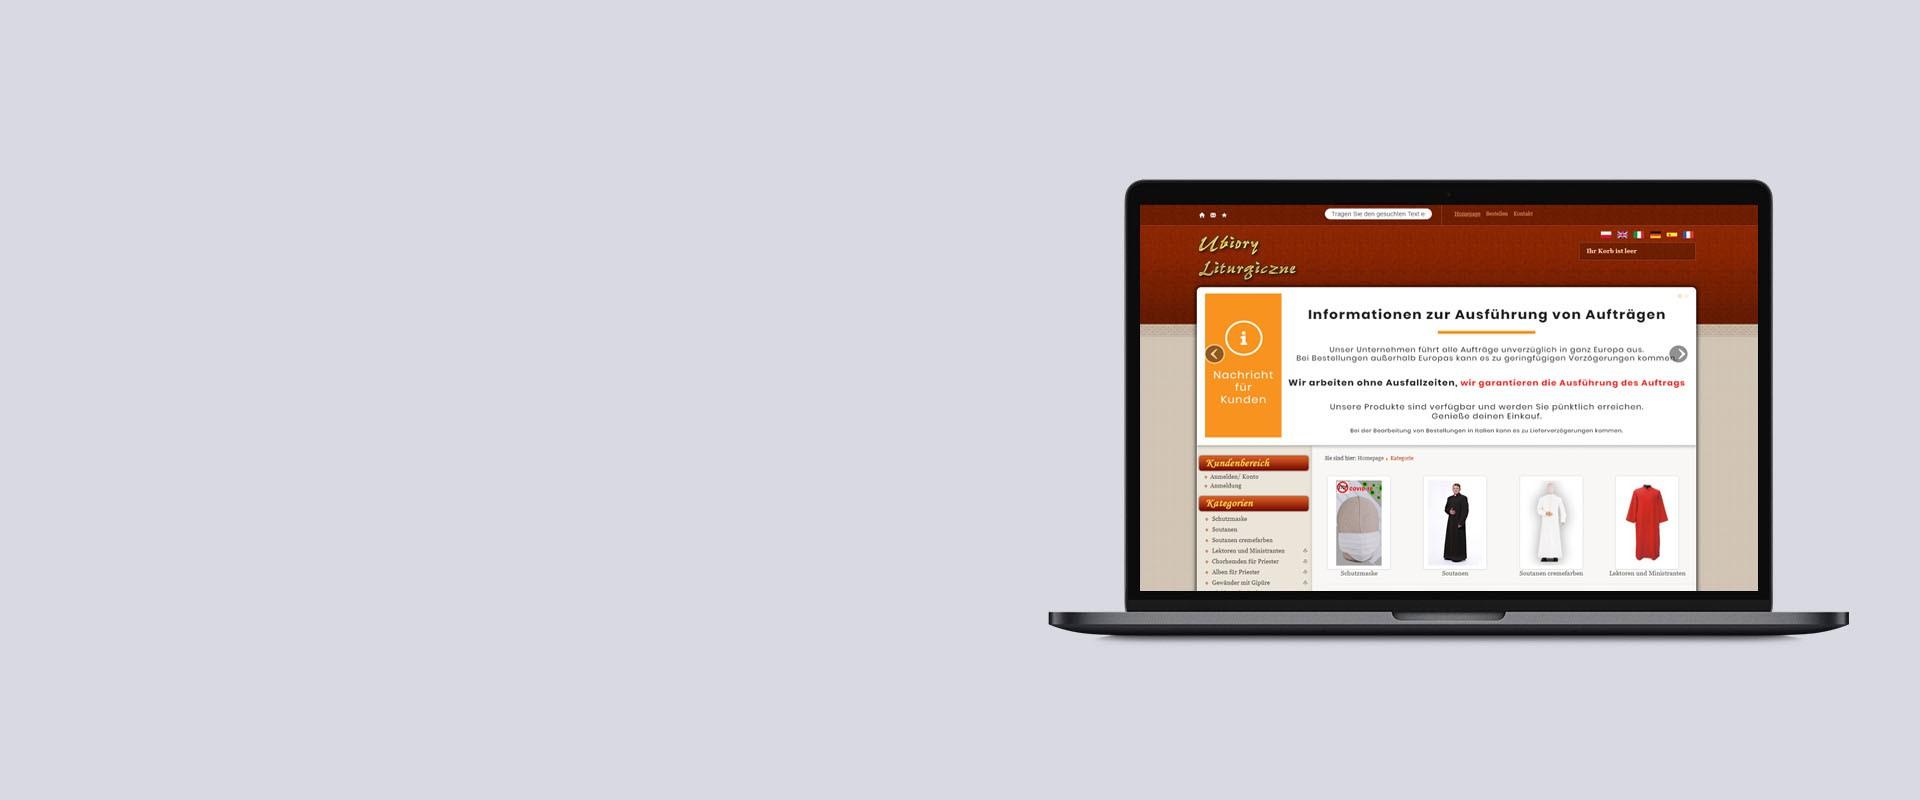 Willkommen auf unserer neuen Website